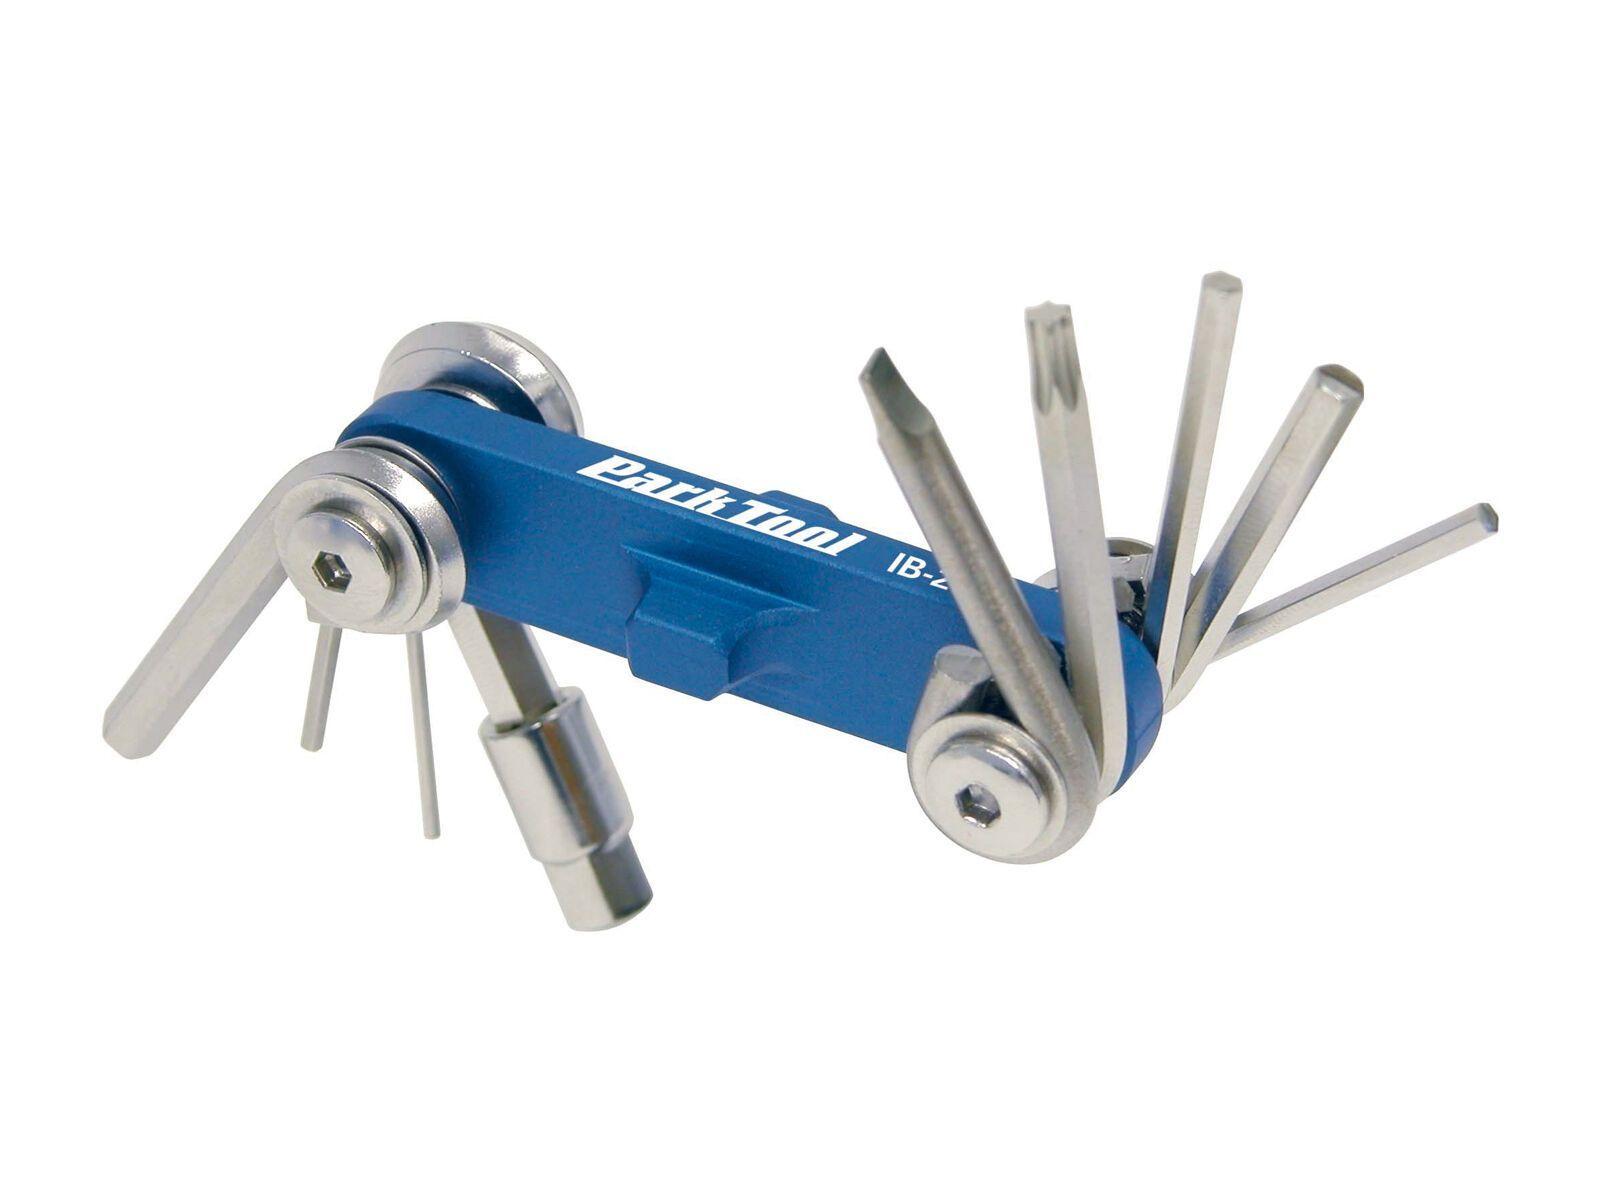 Park Tool IB-2 I-Beam - Multitool 4000849